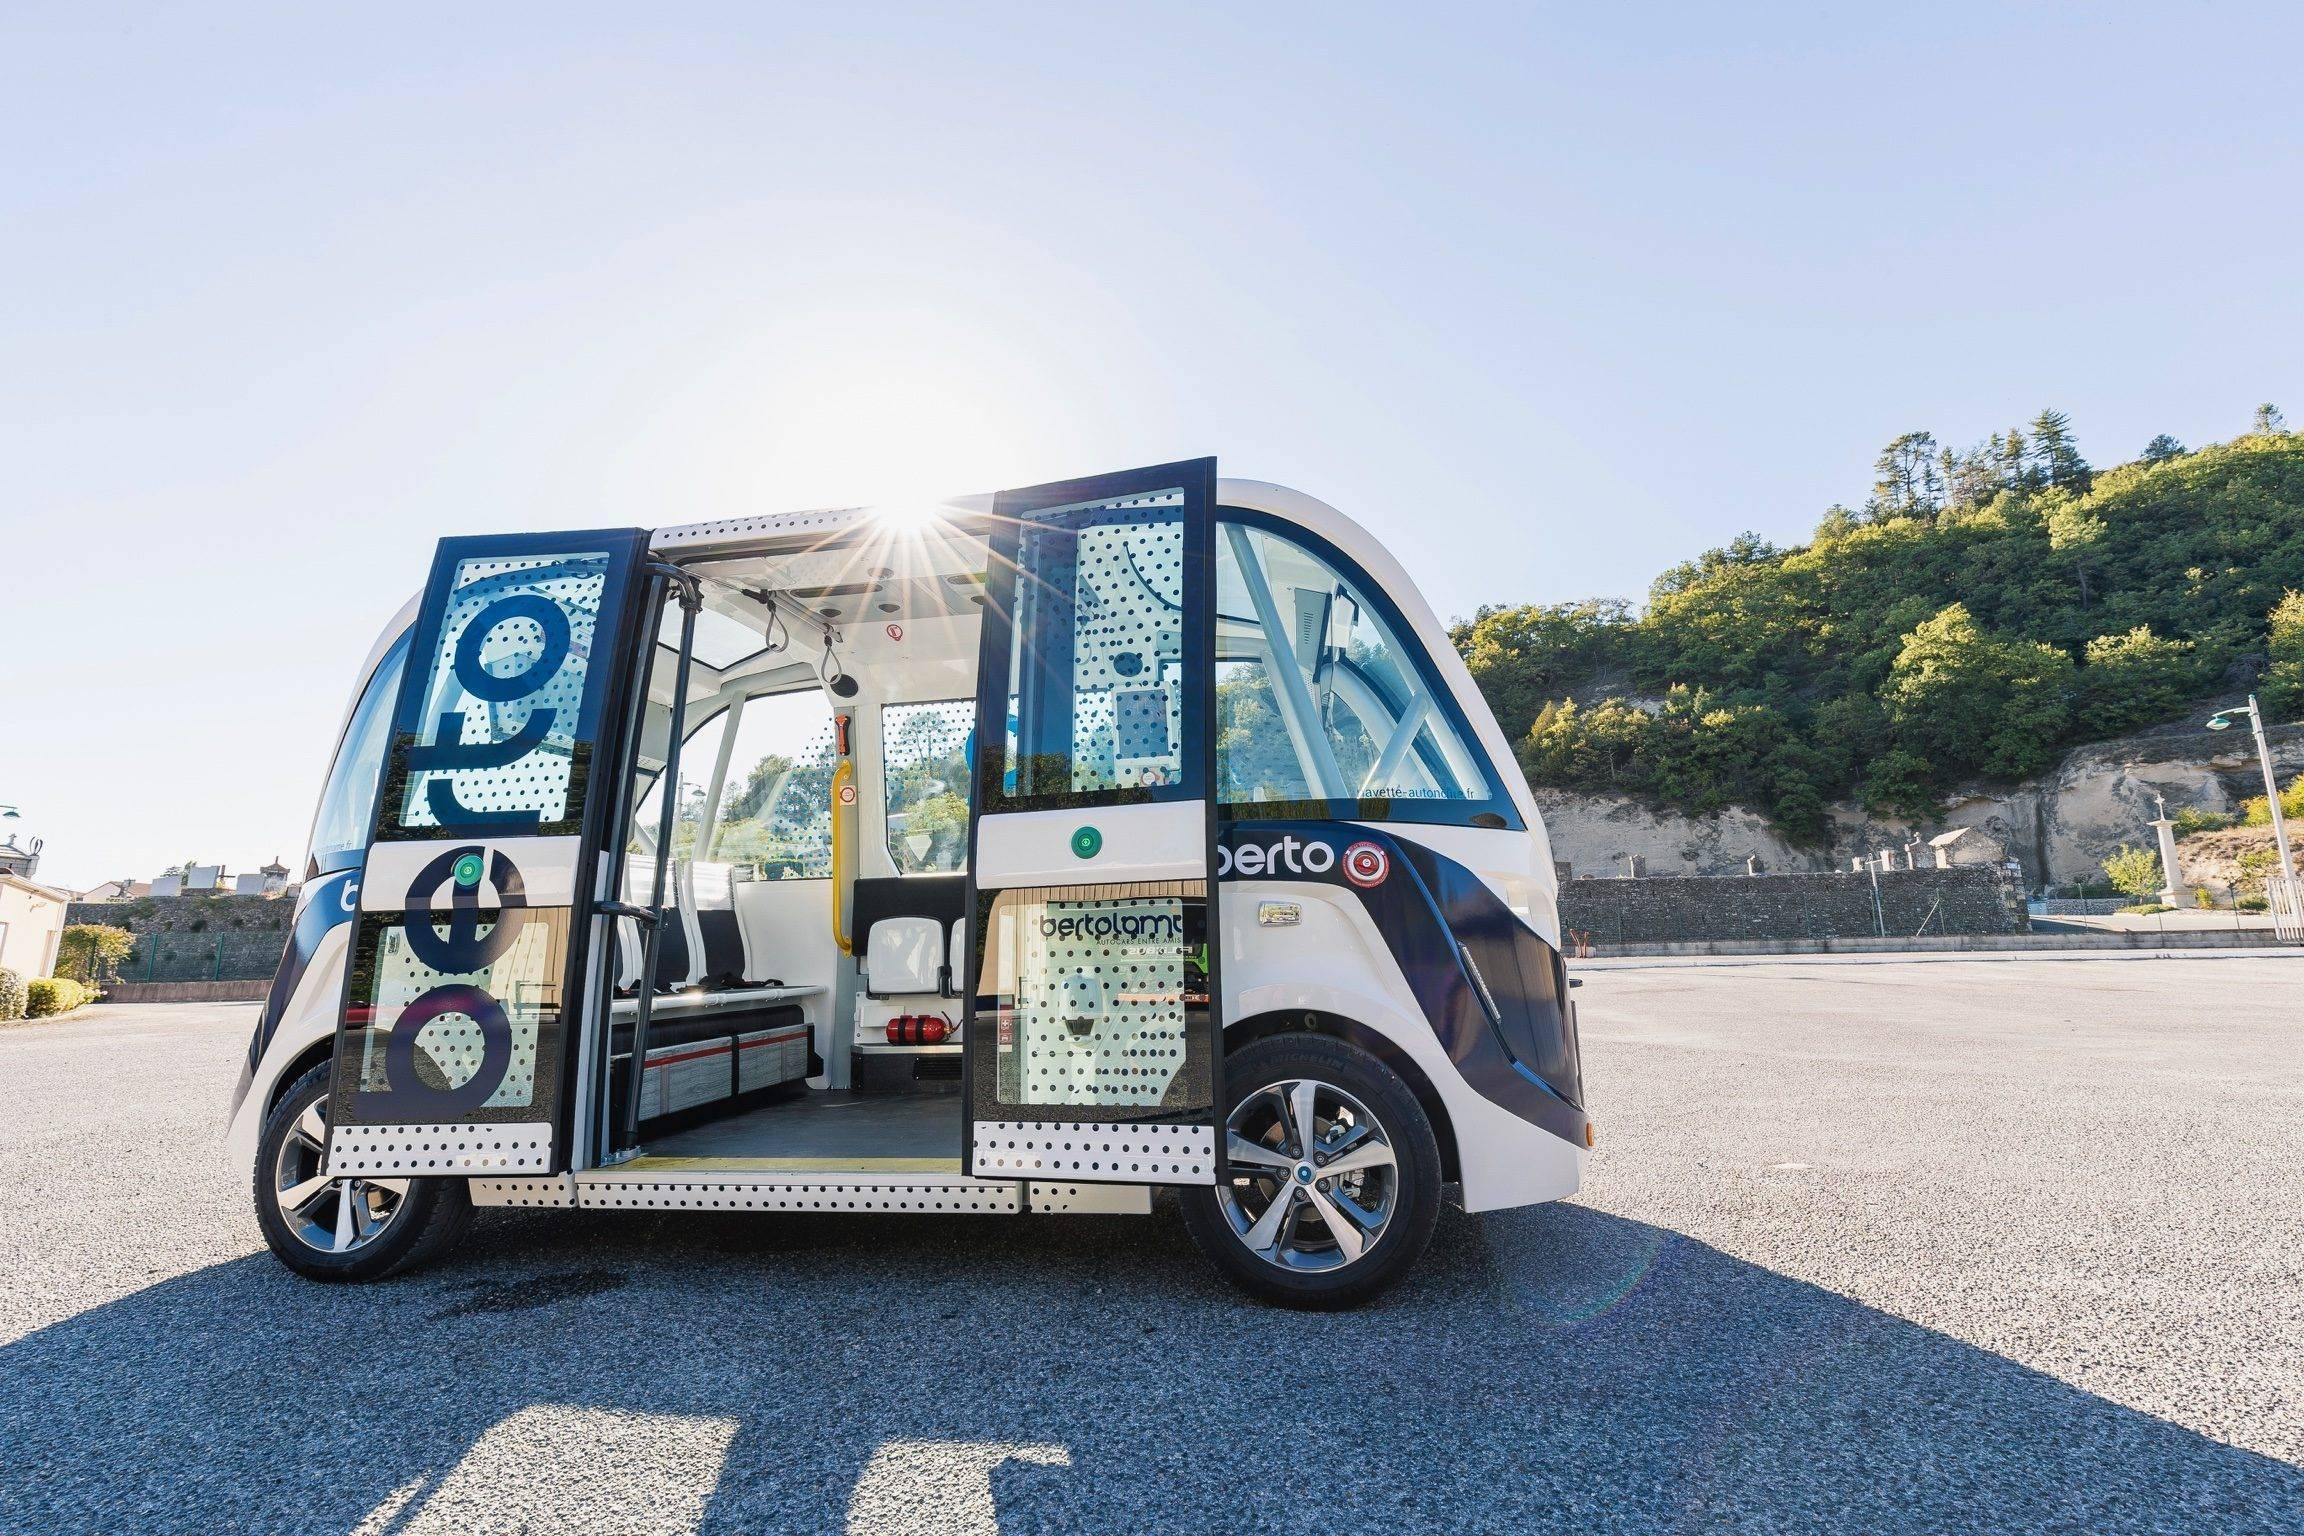 La navette autonome, comment ça marche ?